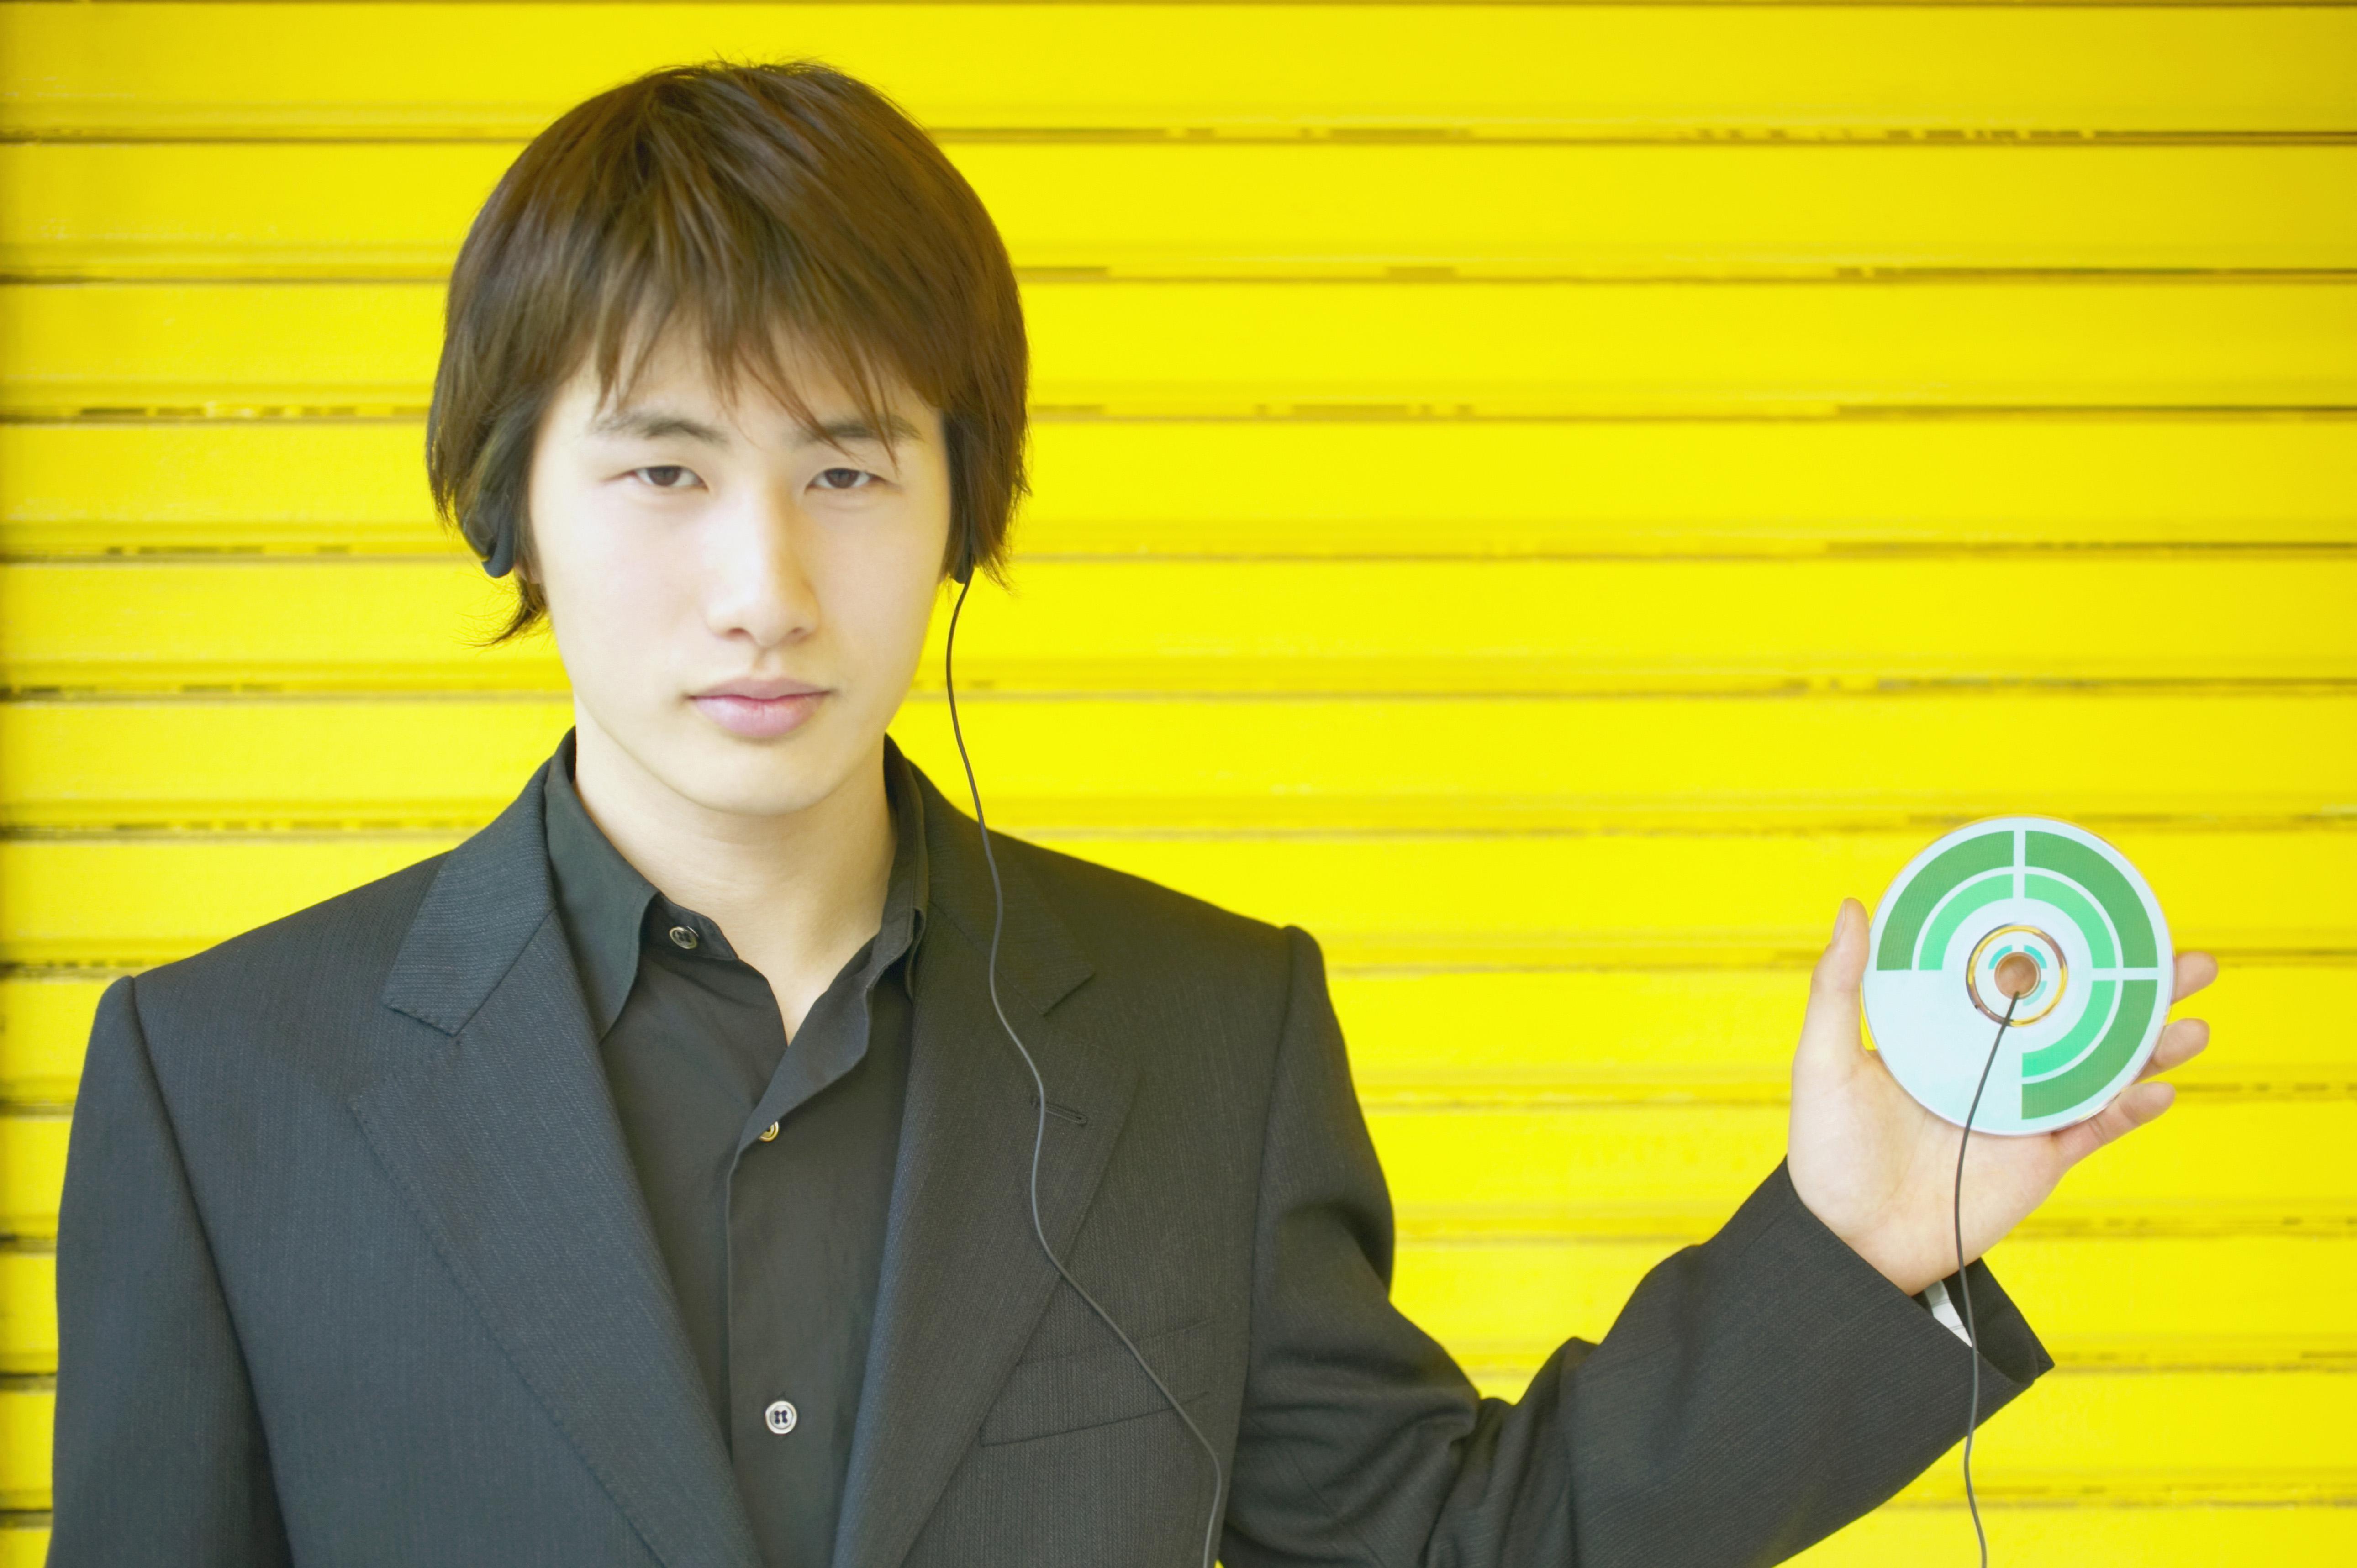 Mann mit CD.